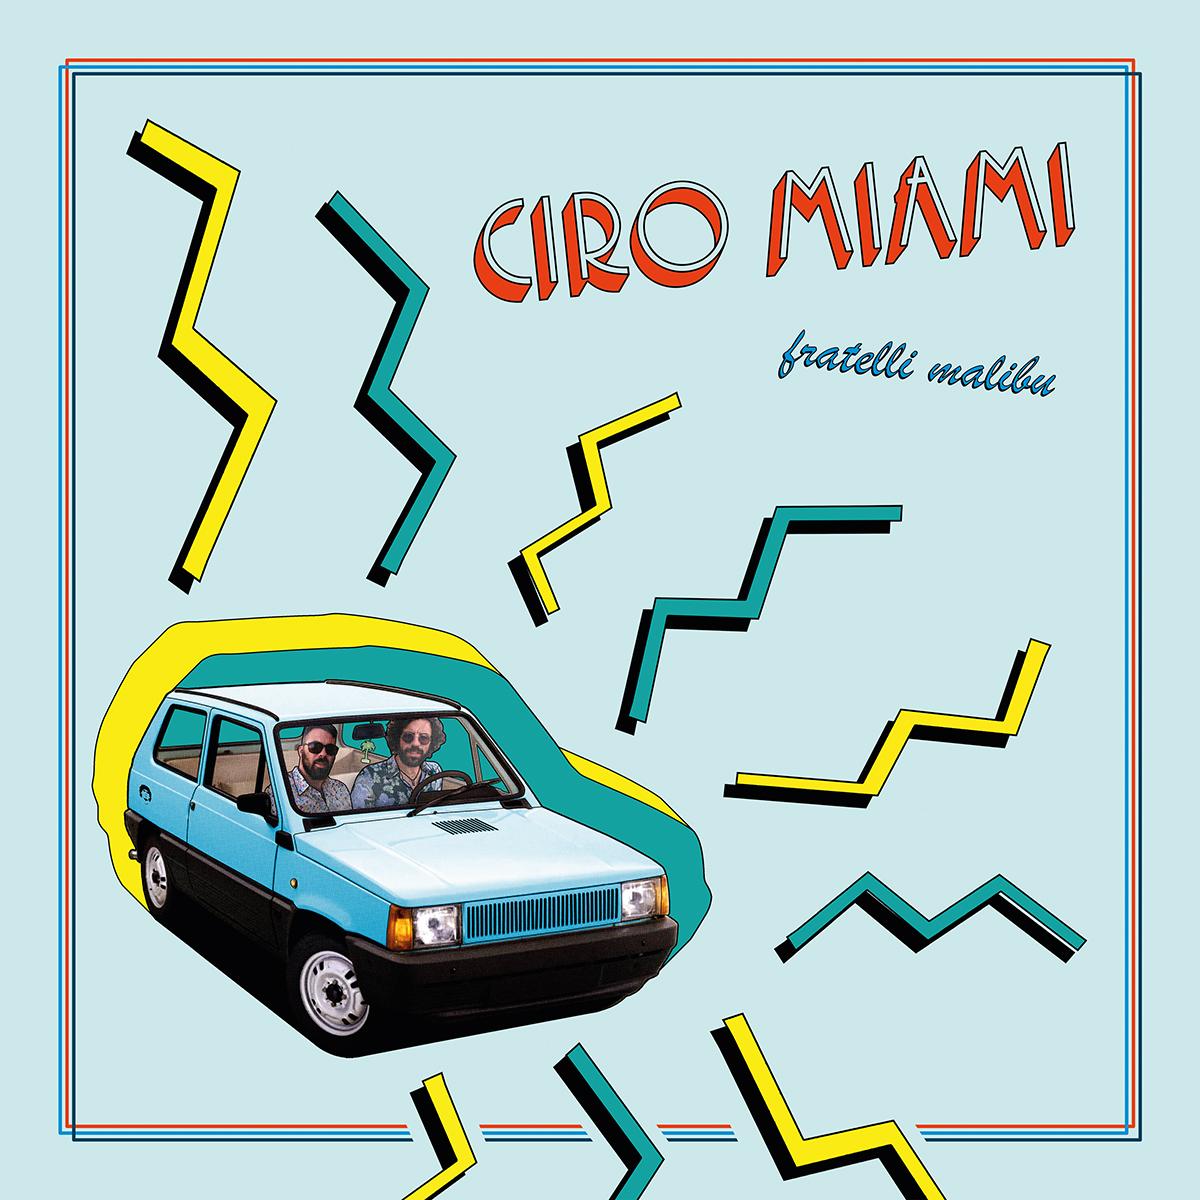 Fratelli-Malibu–Ciro-Miami